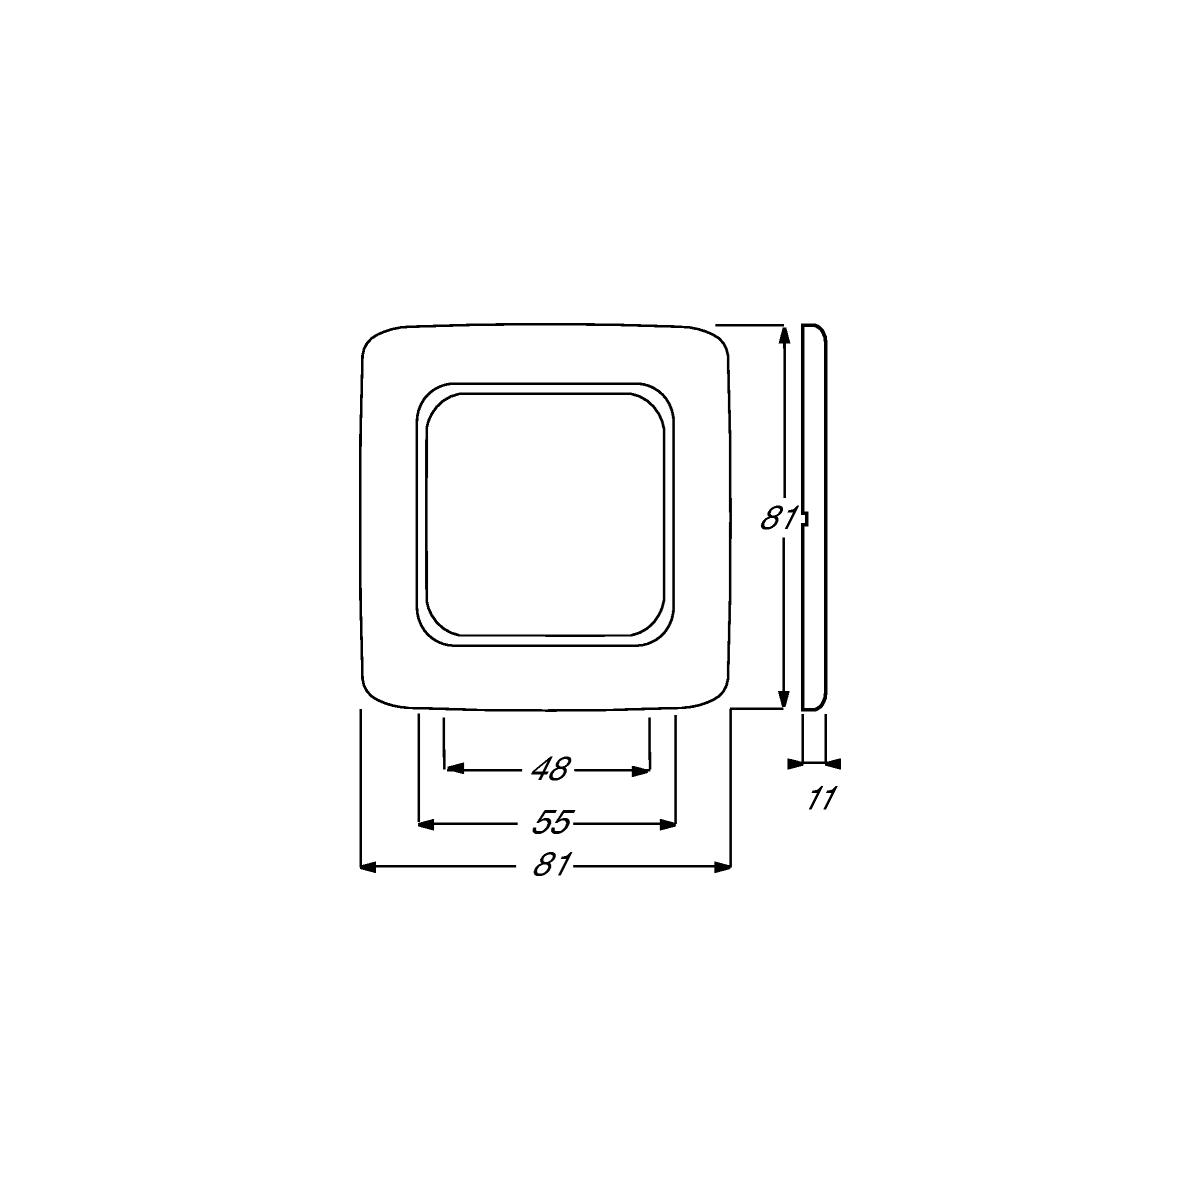 BUSCH JAEGER basaltschwarz 2-fach Rahmen senkrecht Serienschalter und Steckdose